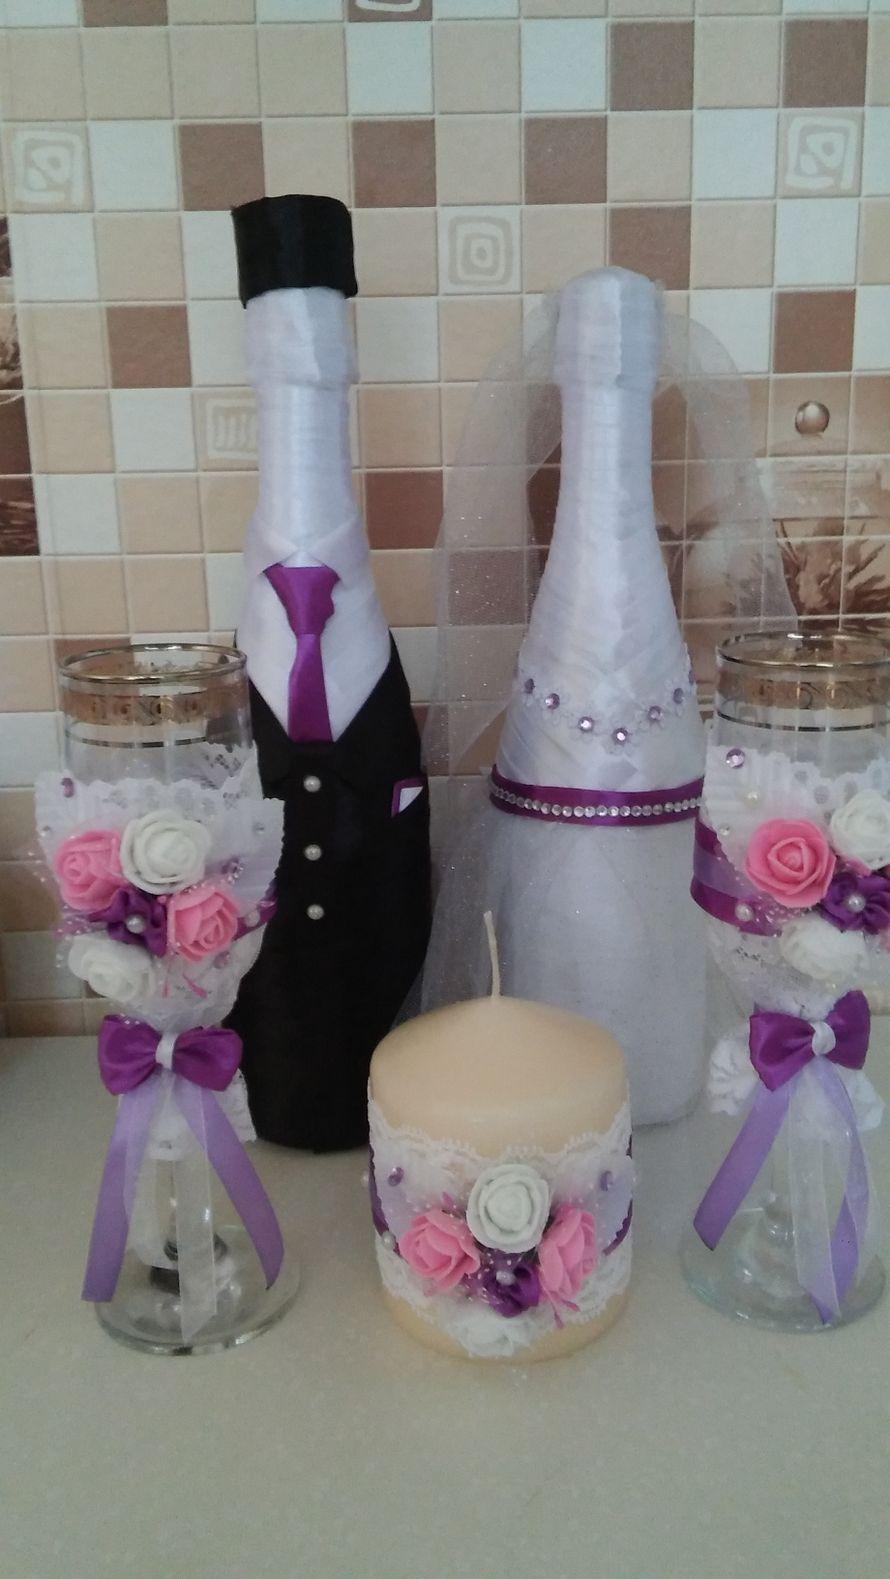 Оформление бутылок Шампанского на свадьбу, Юбилеи. НЕДОРОГО. - фото 15276822 Photo print - пригласительные на свадьбу